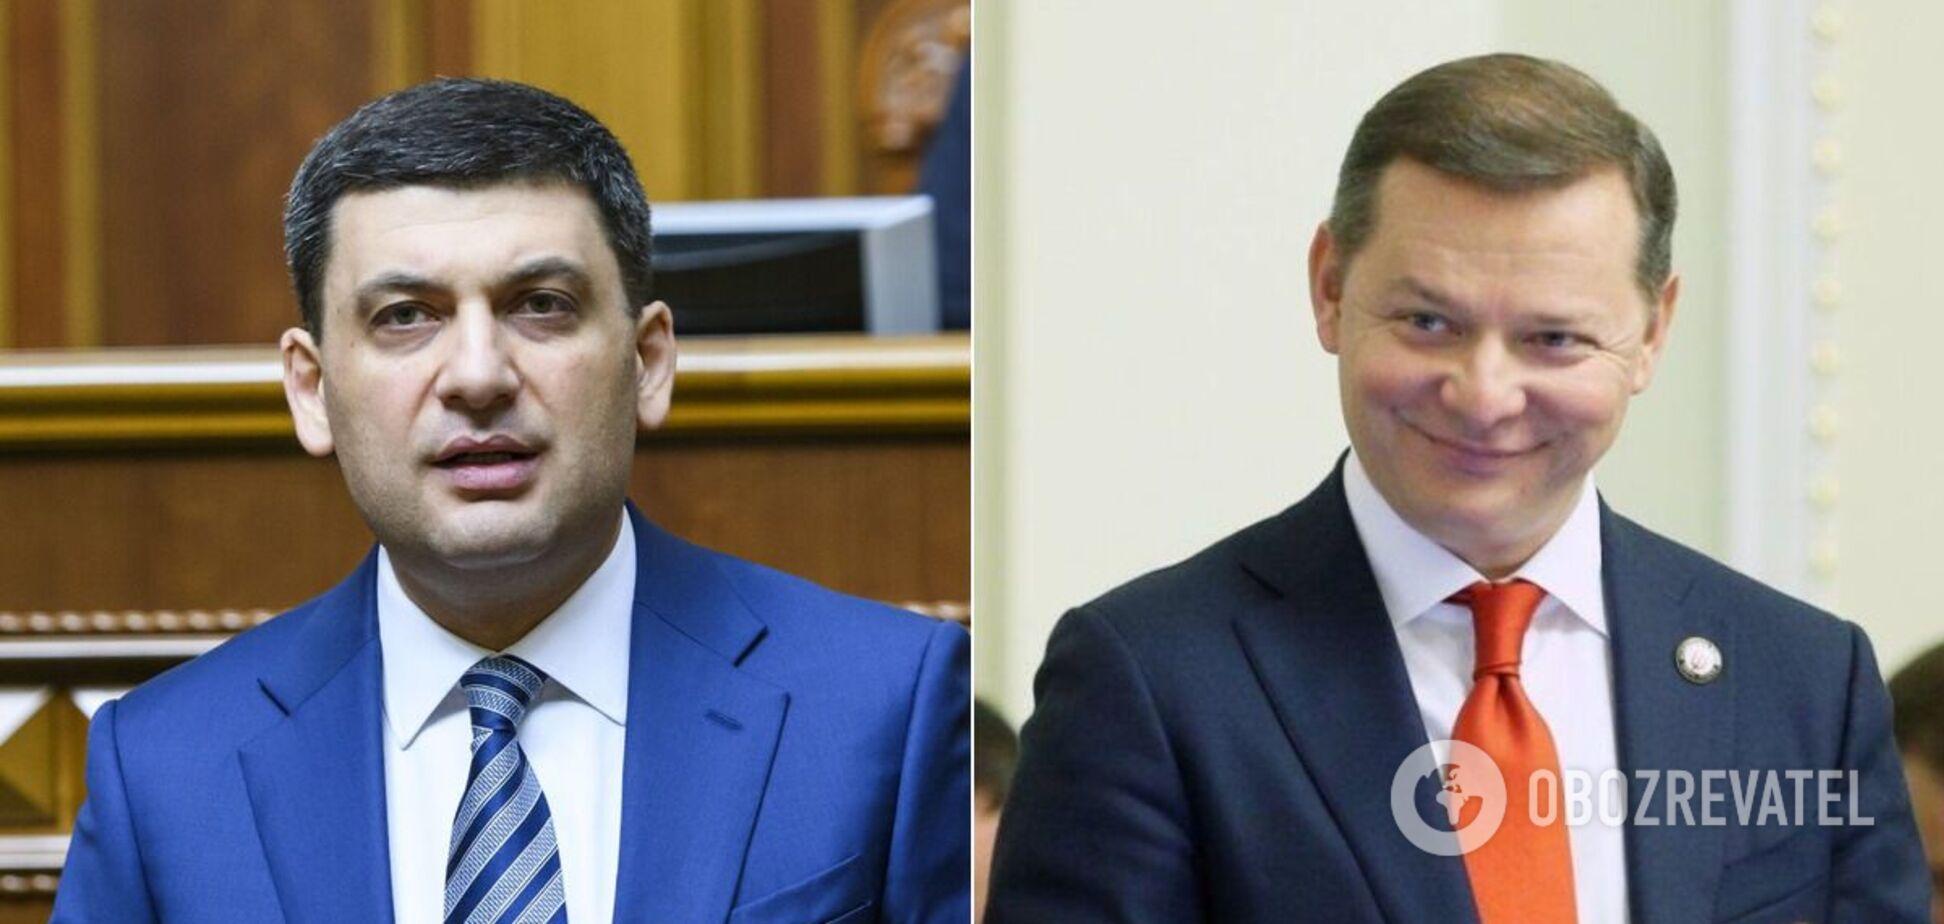 Партії Гройсмана і Ляшка можуть отримати фракції у майбутньому парламенті – опитування